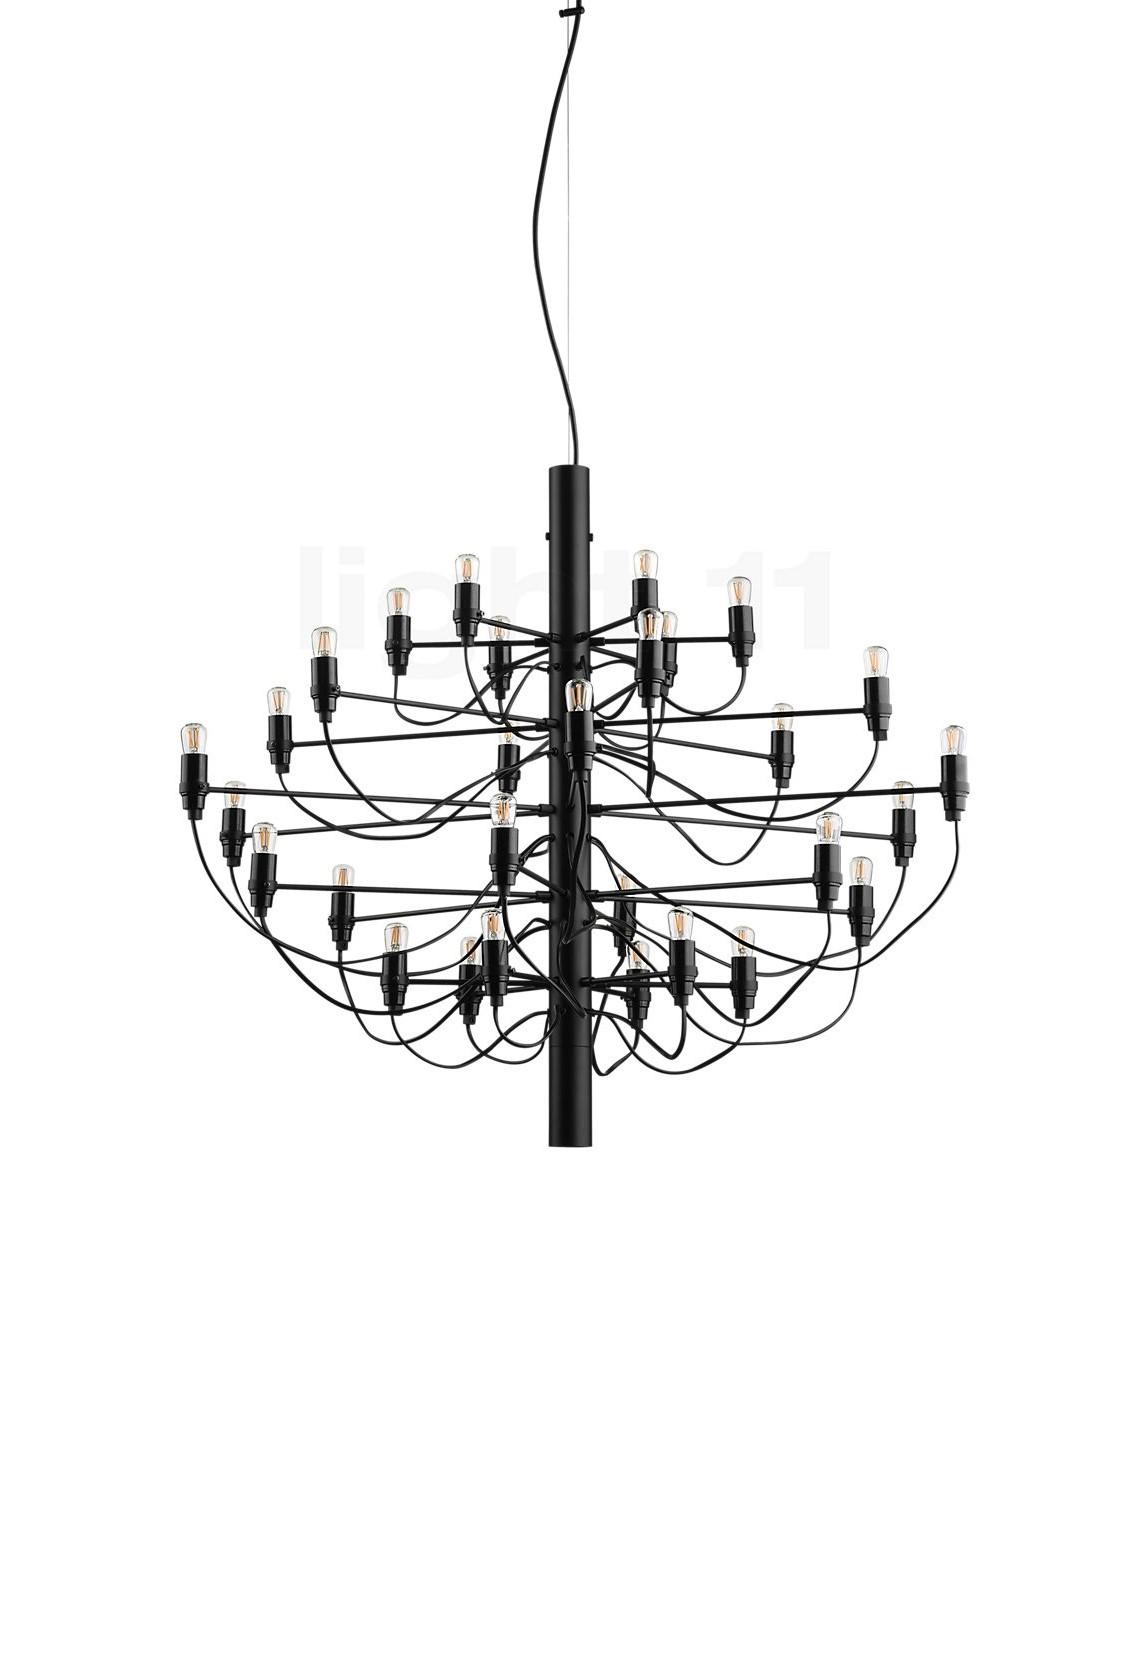 2097/30 preto, candeeiro de suspensão da marca Flos, na Traço de Luz iluminação, Portugal